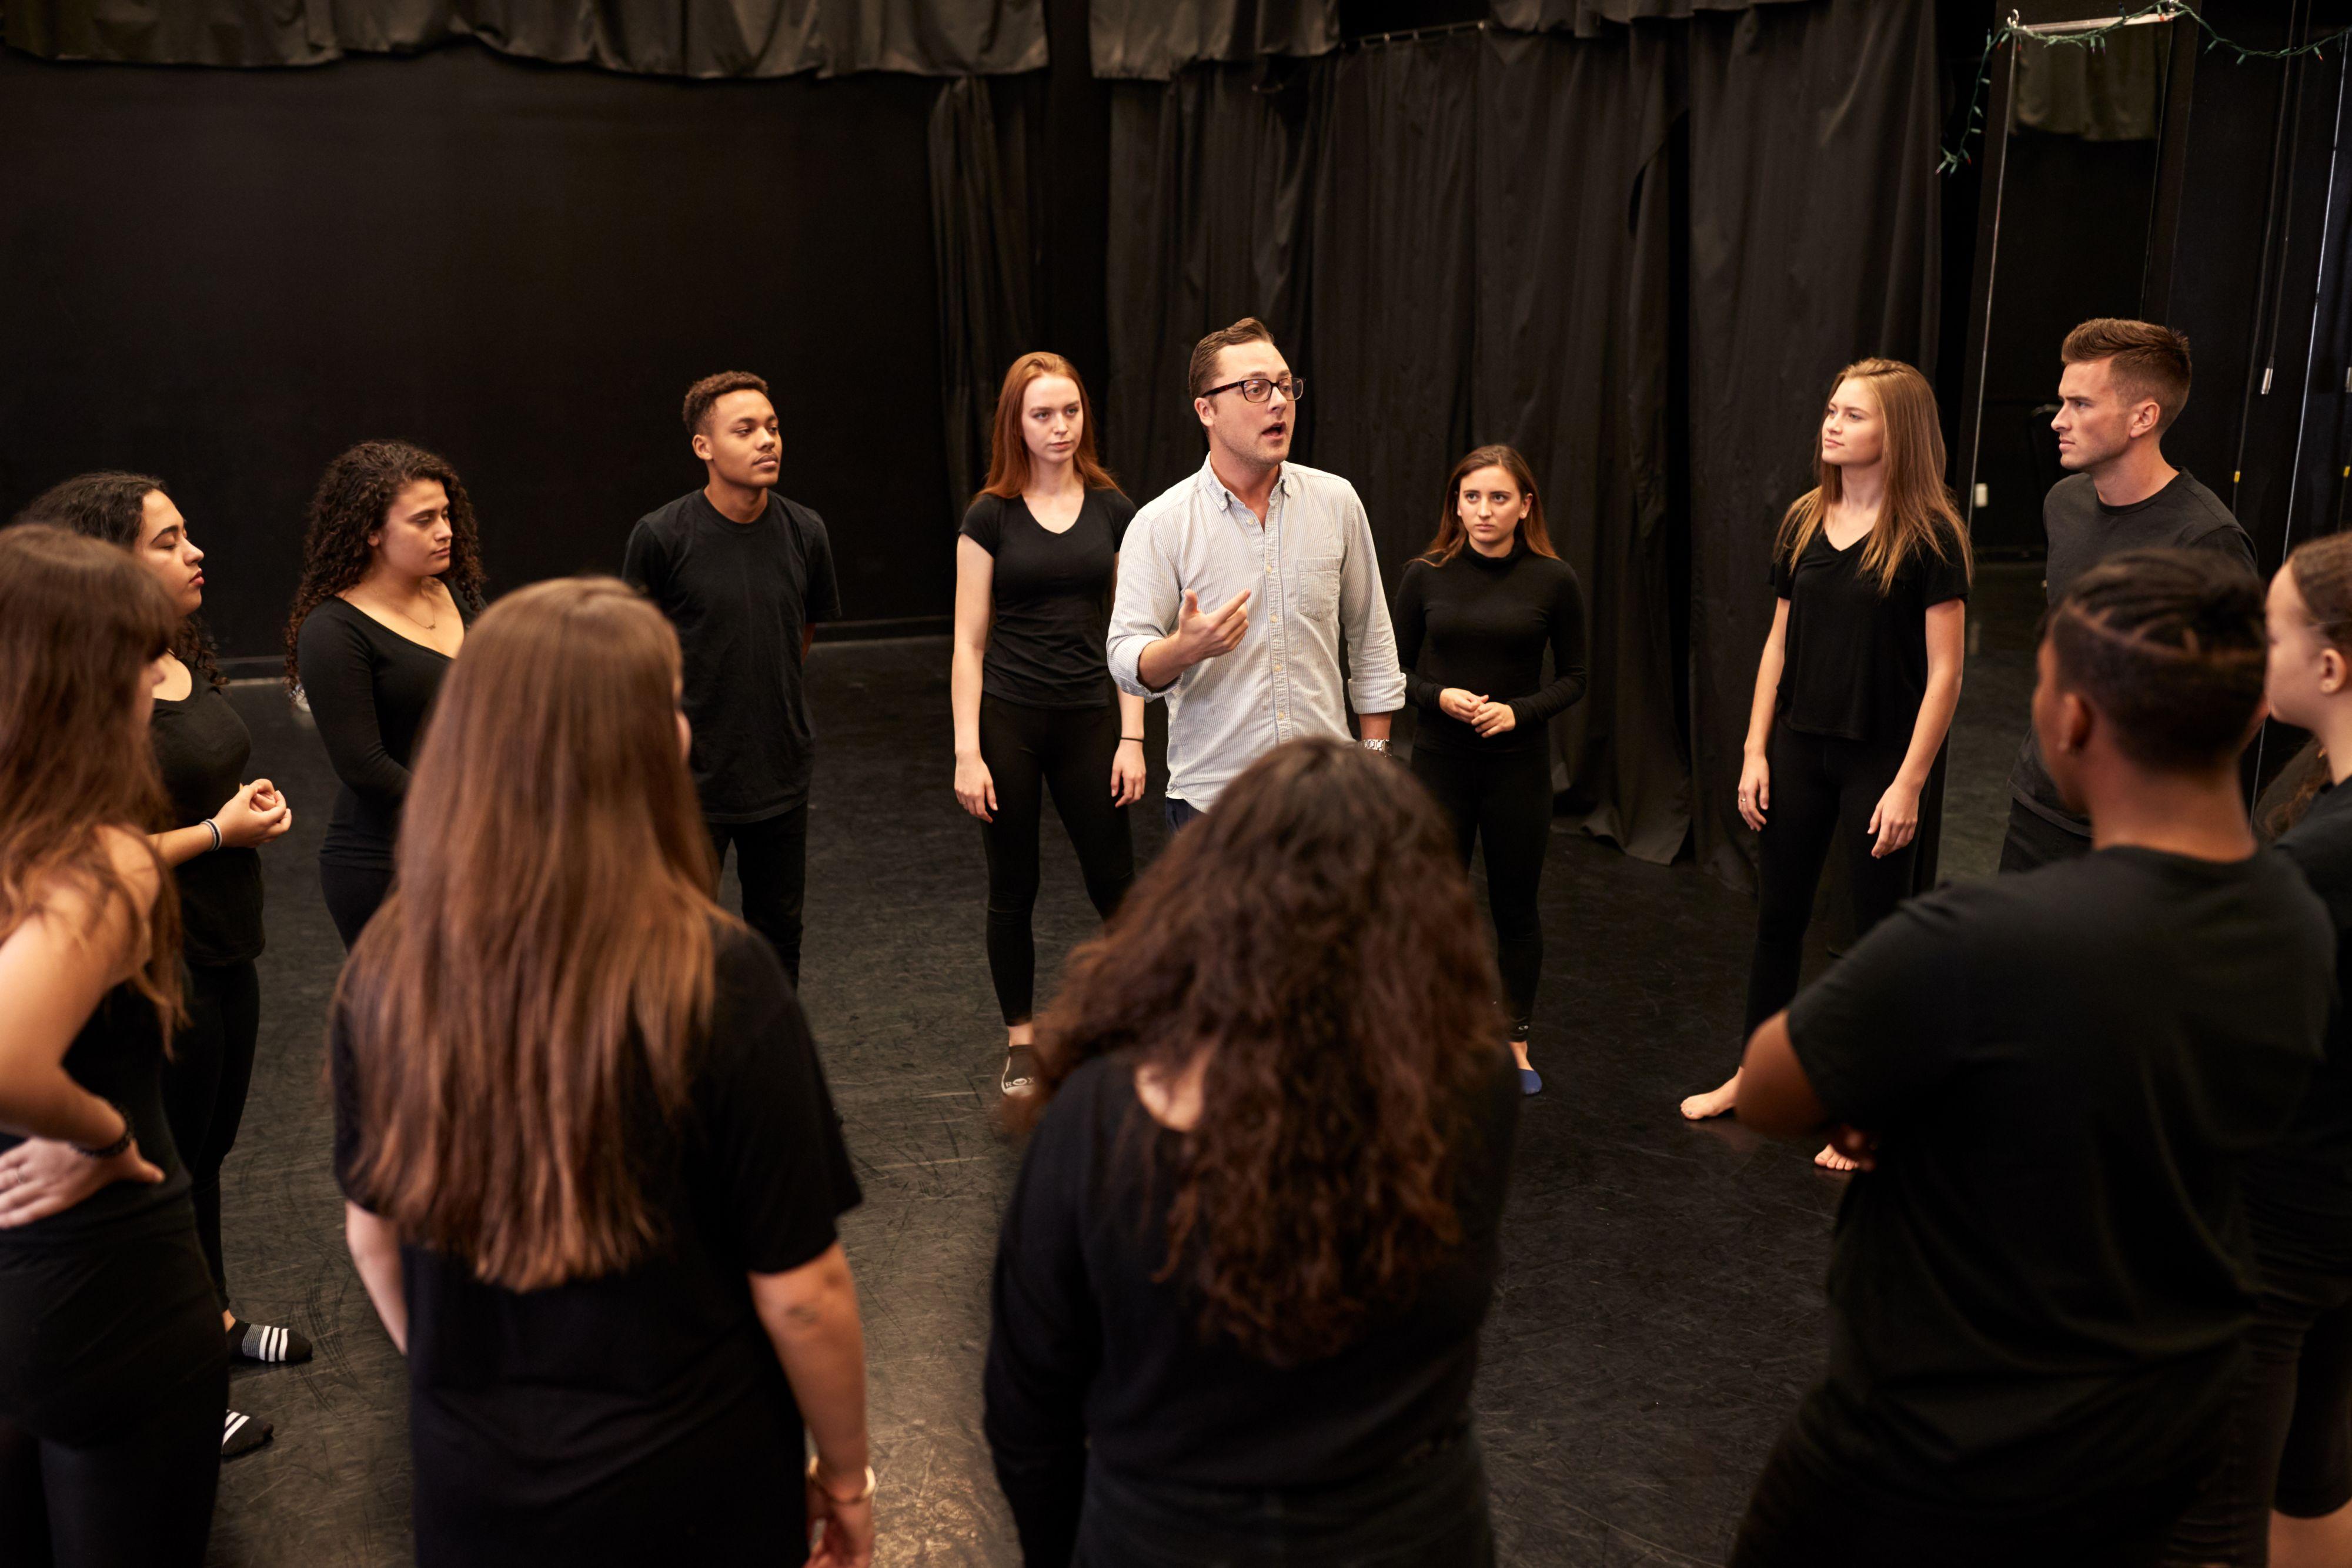 Jednym z nietradycyjnych szkoleń są warsztaty oparte na improwizacji teatralnej. (Fot. Shutterstock)